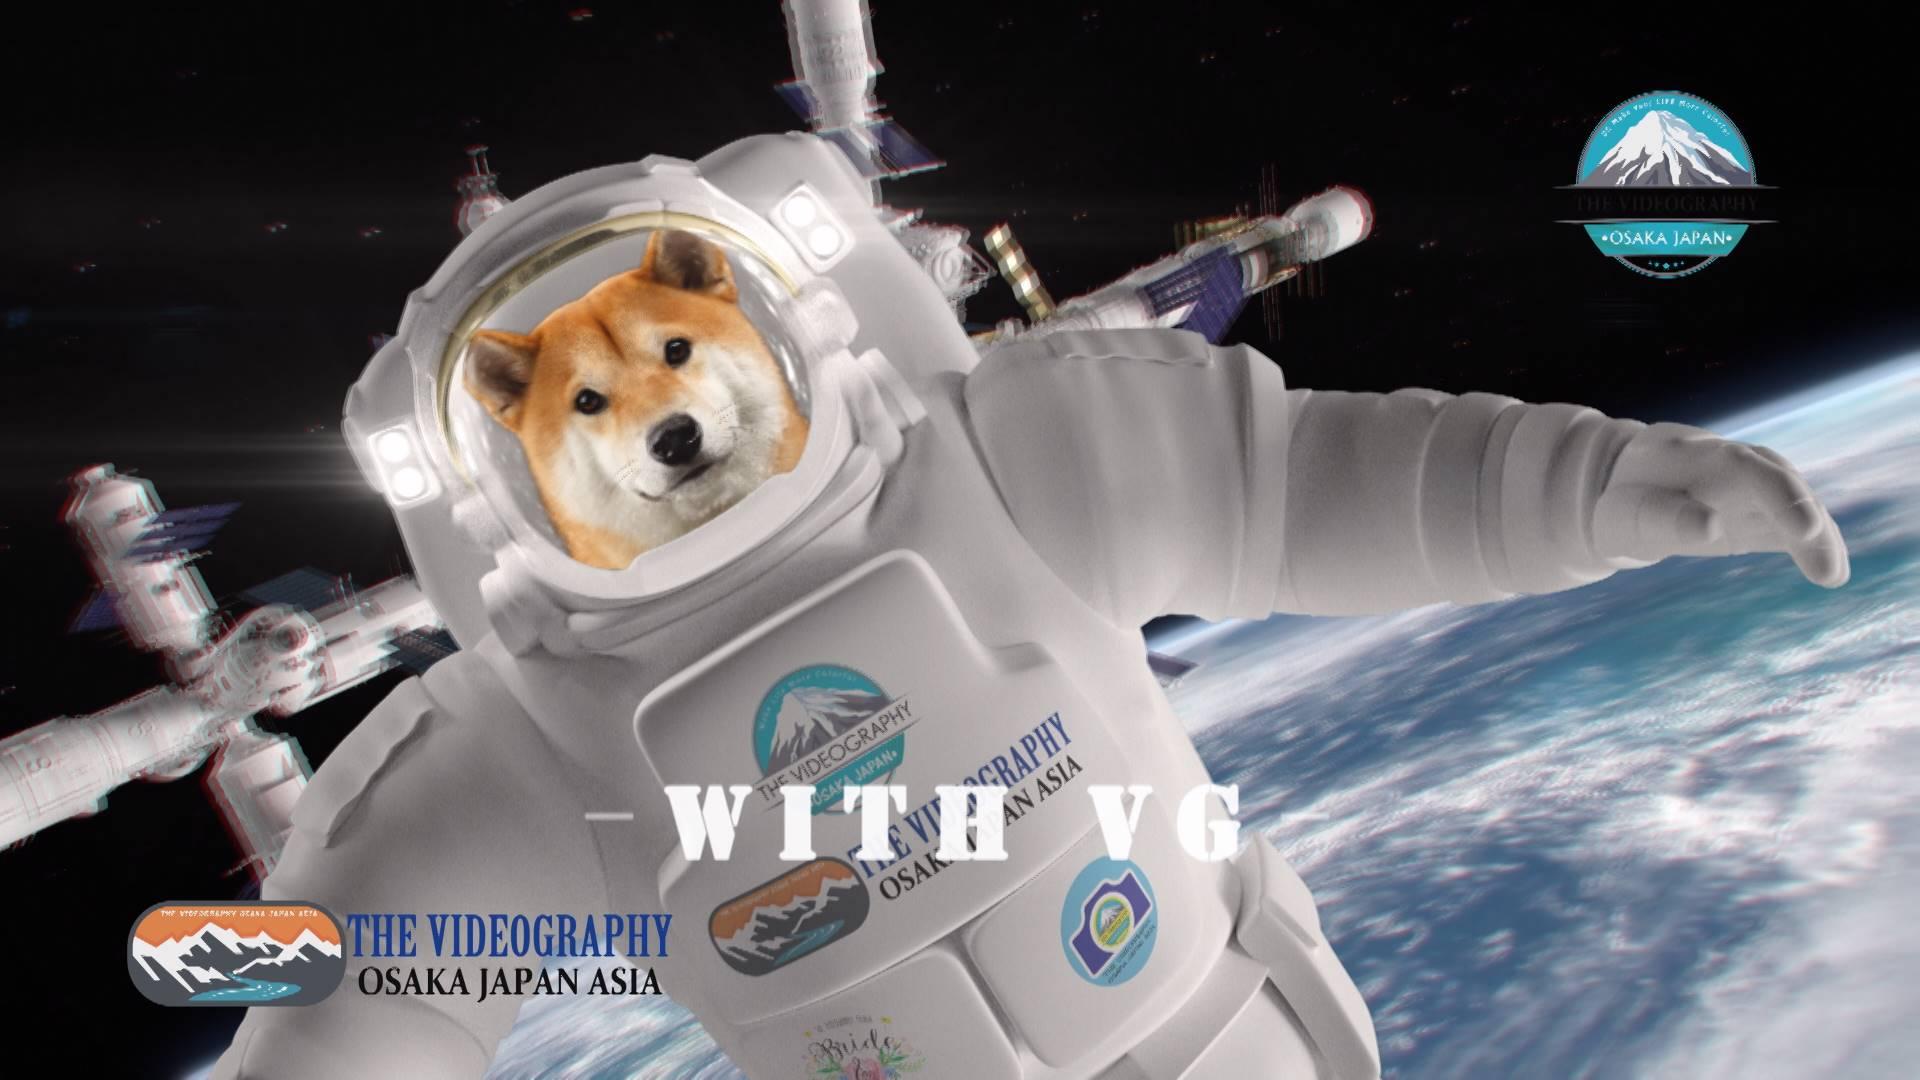 宇宙にファーストペンギンに捧げるプロモーションビデオ